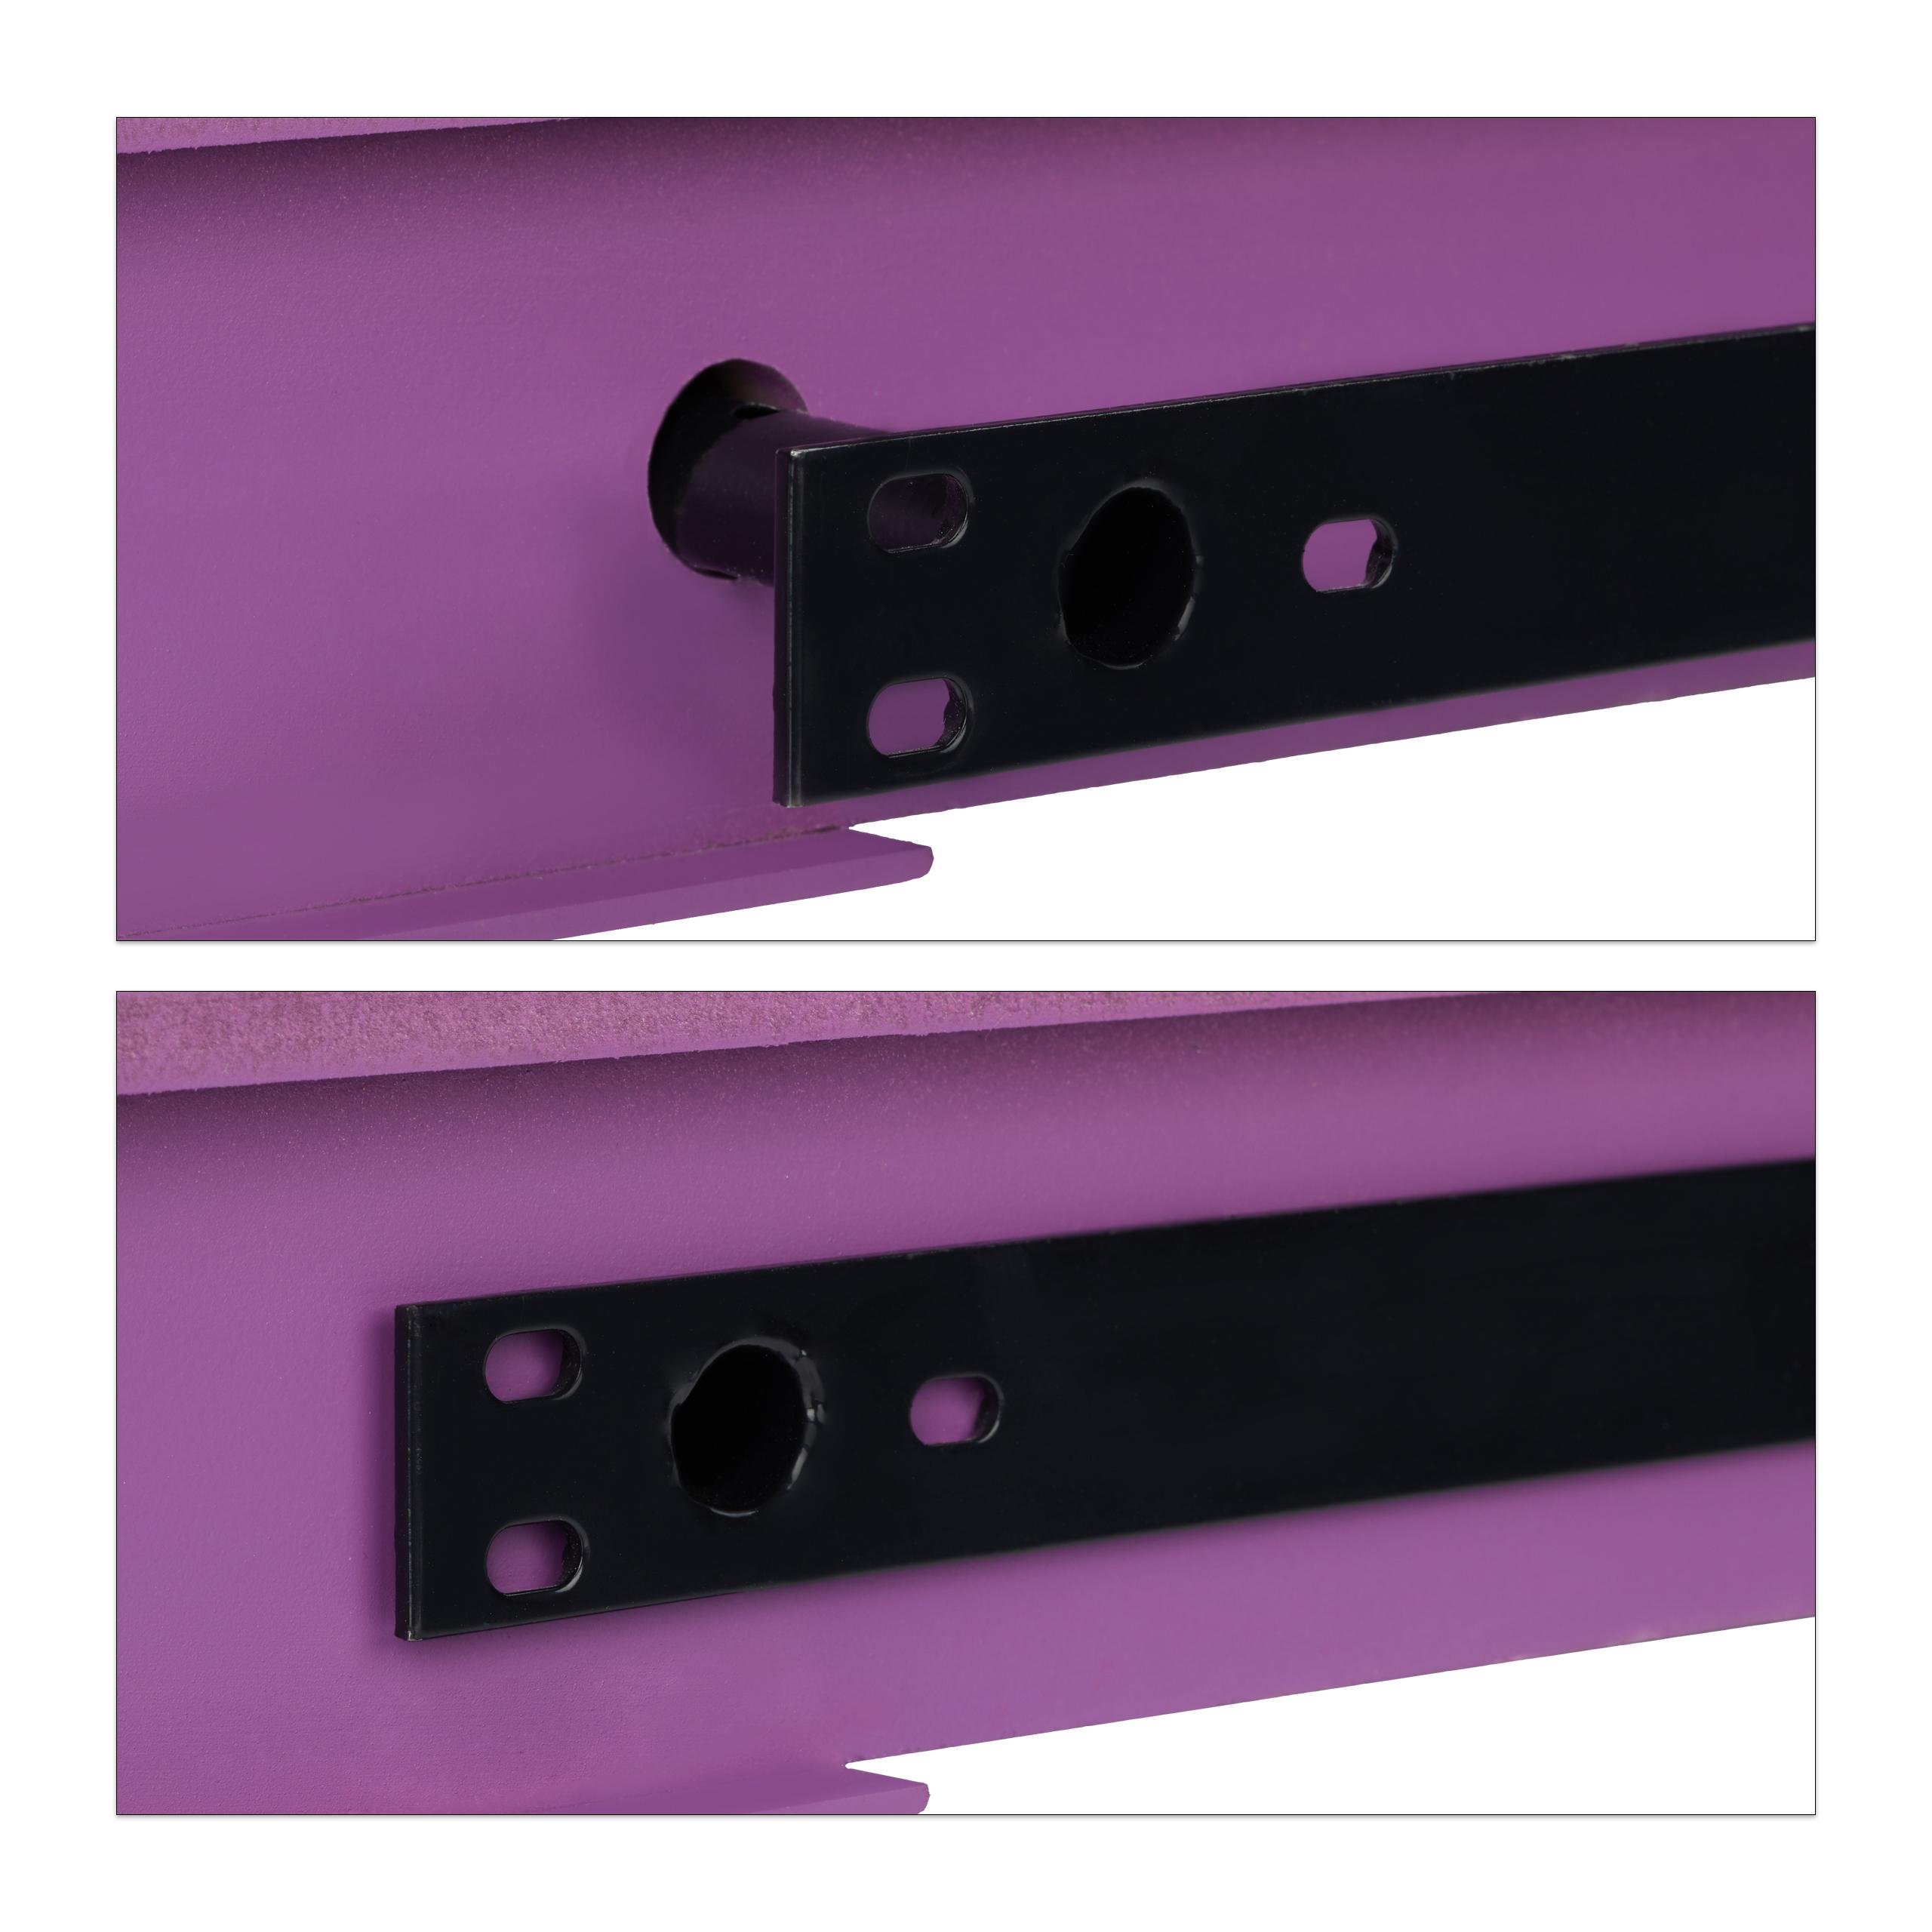 Wandregal-mit-Schublade-freischwebend-Design-Deko-Wohnzimmer-modern-Ablage Indexbild 21